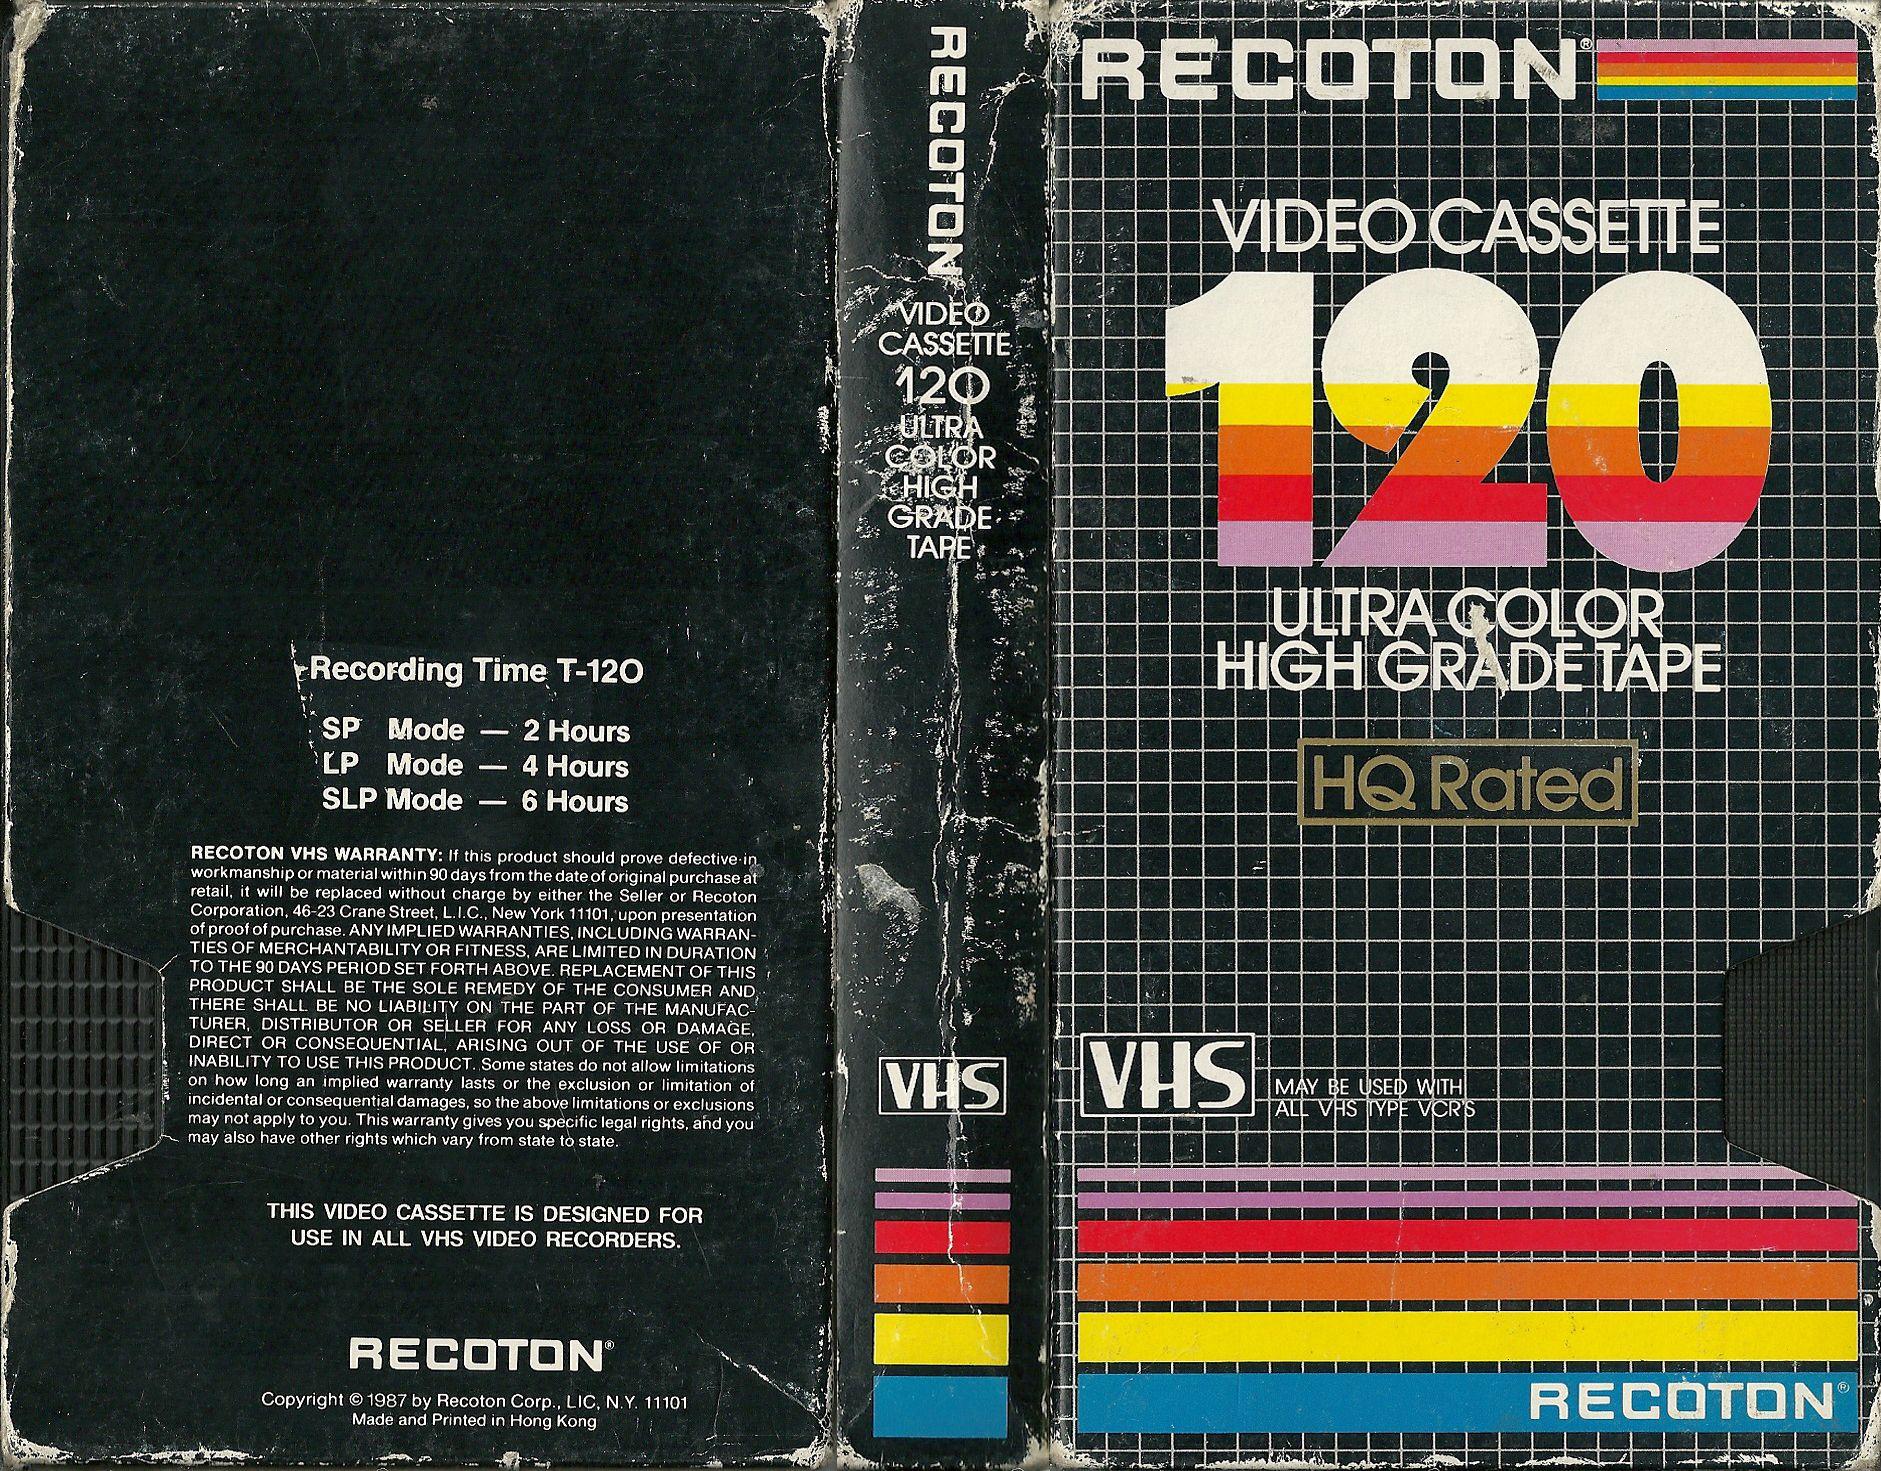 40aaaca90a59aba57d8176a5ddc99626 Jpg 1881 1471 Cassette 80s Design Vhs